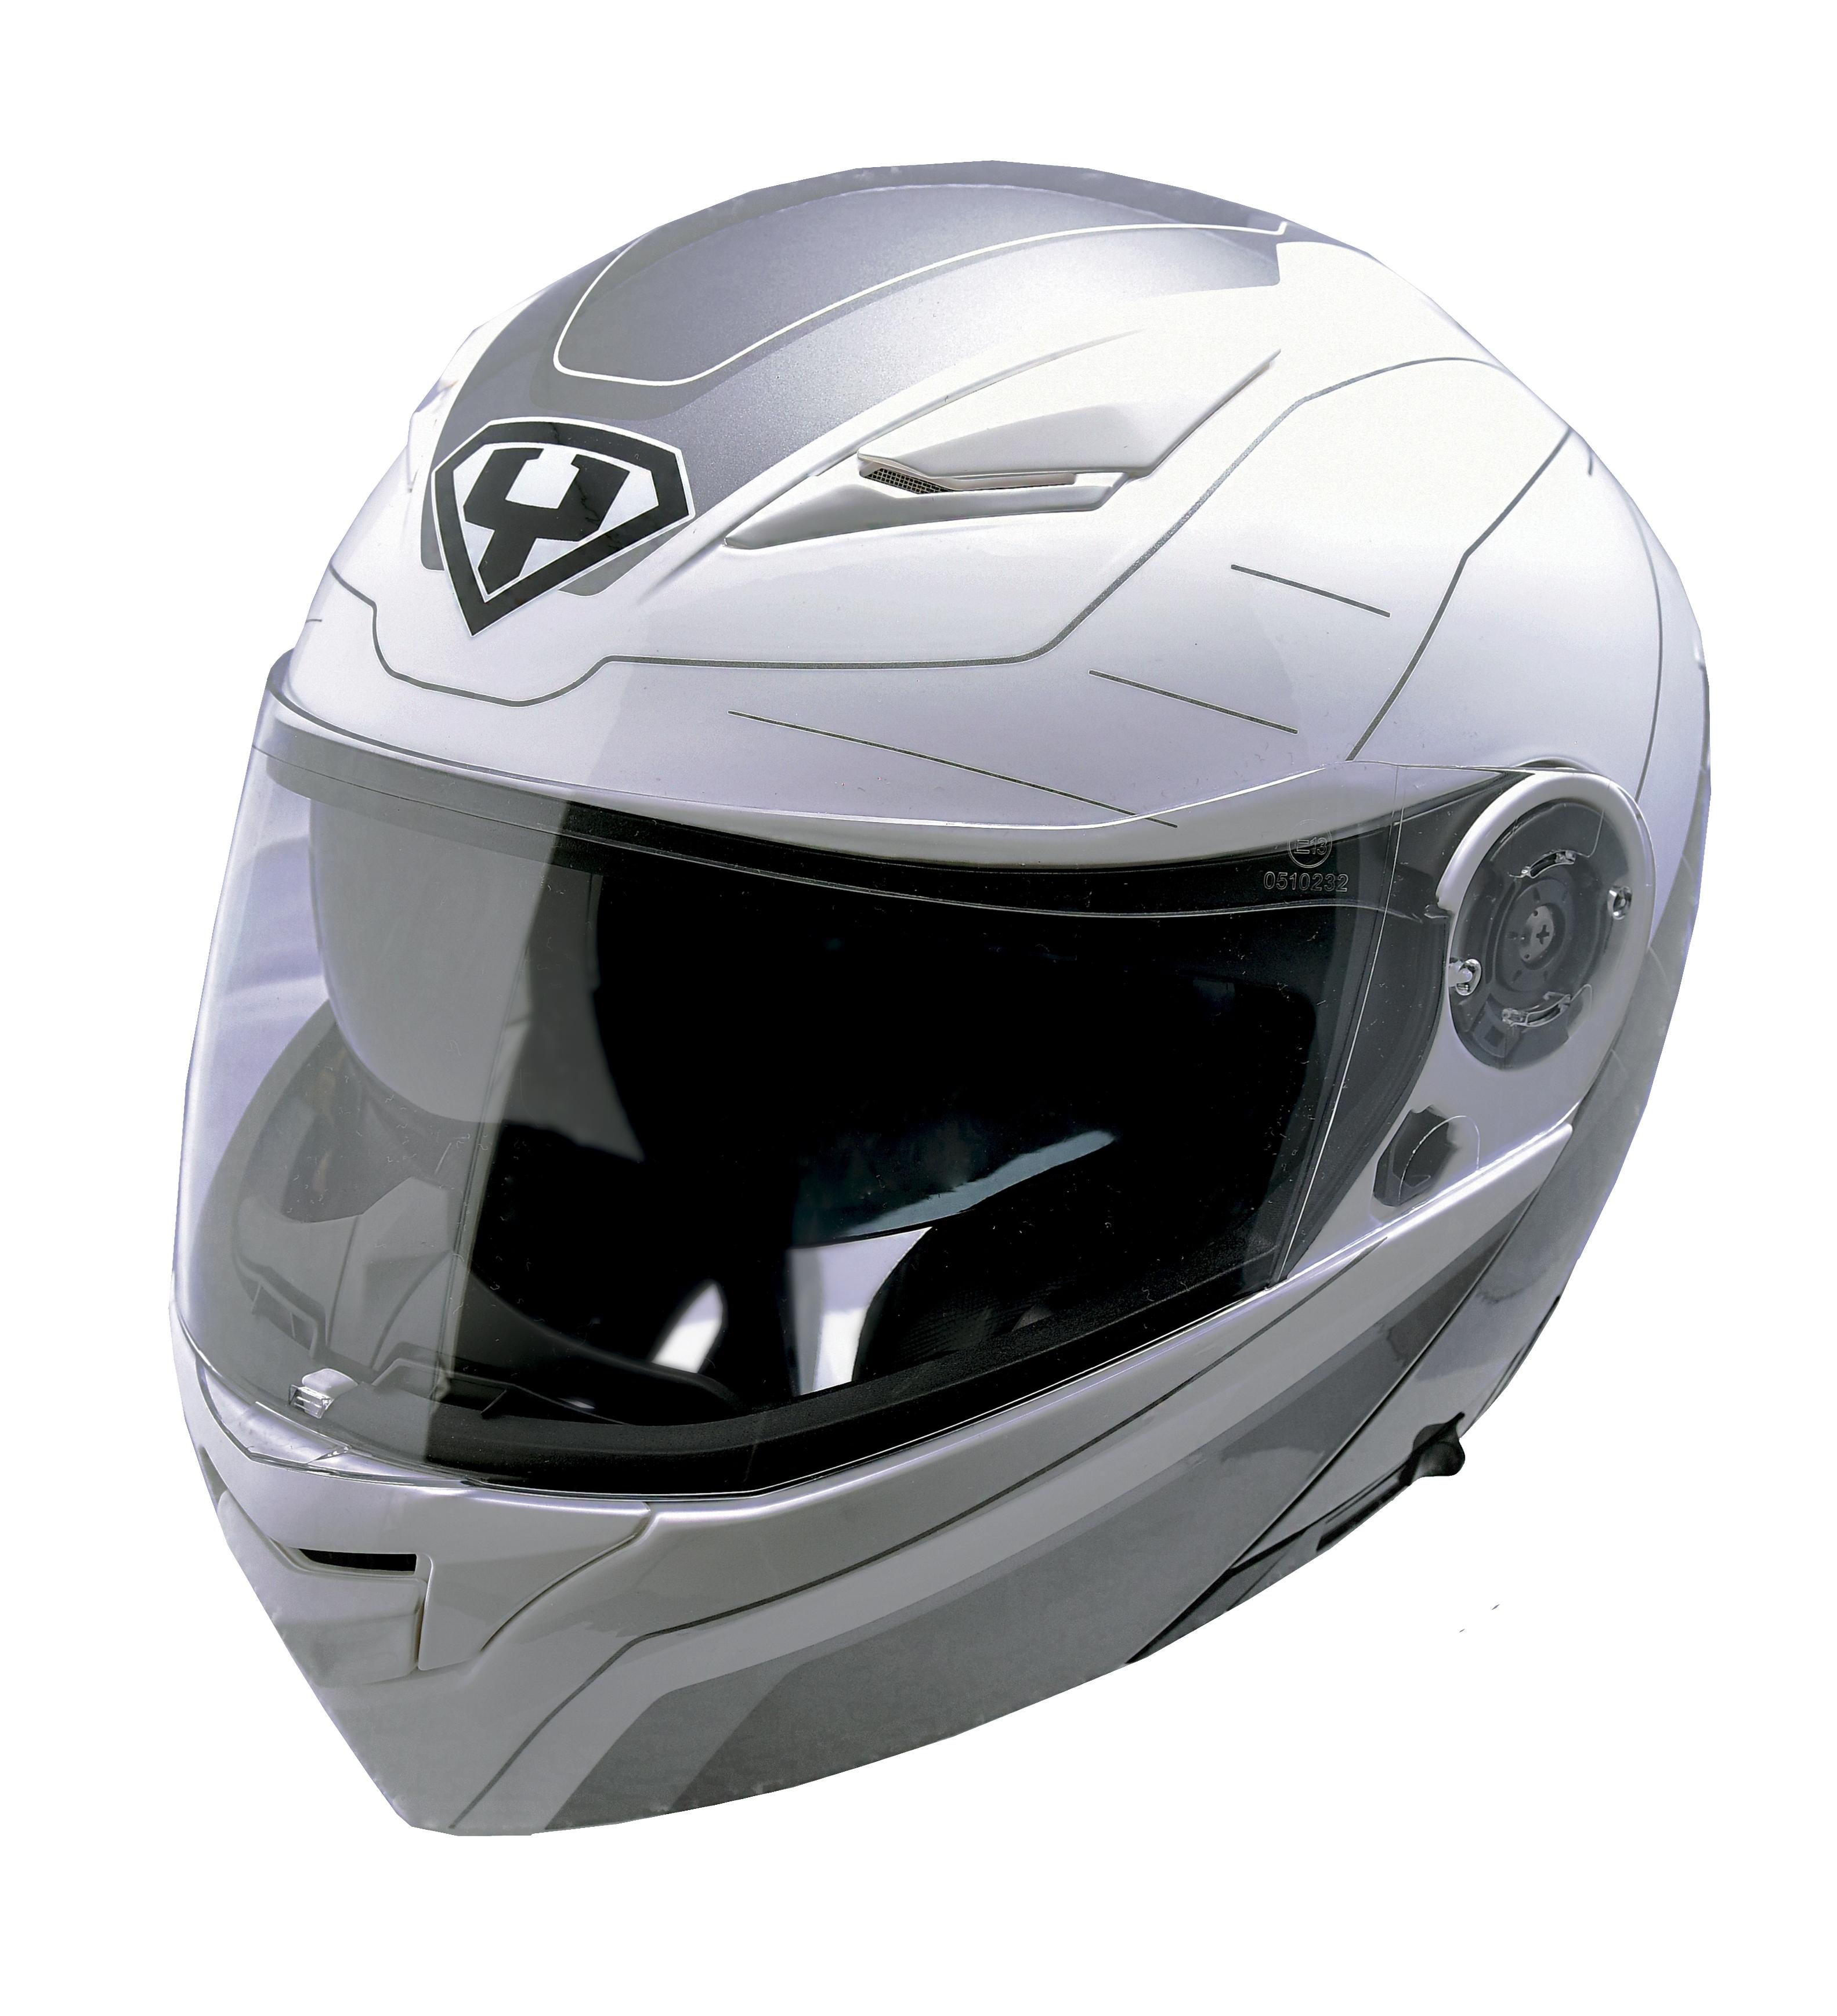 Moto helma Yohe 950-16 bílá / šedá